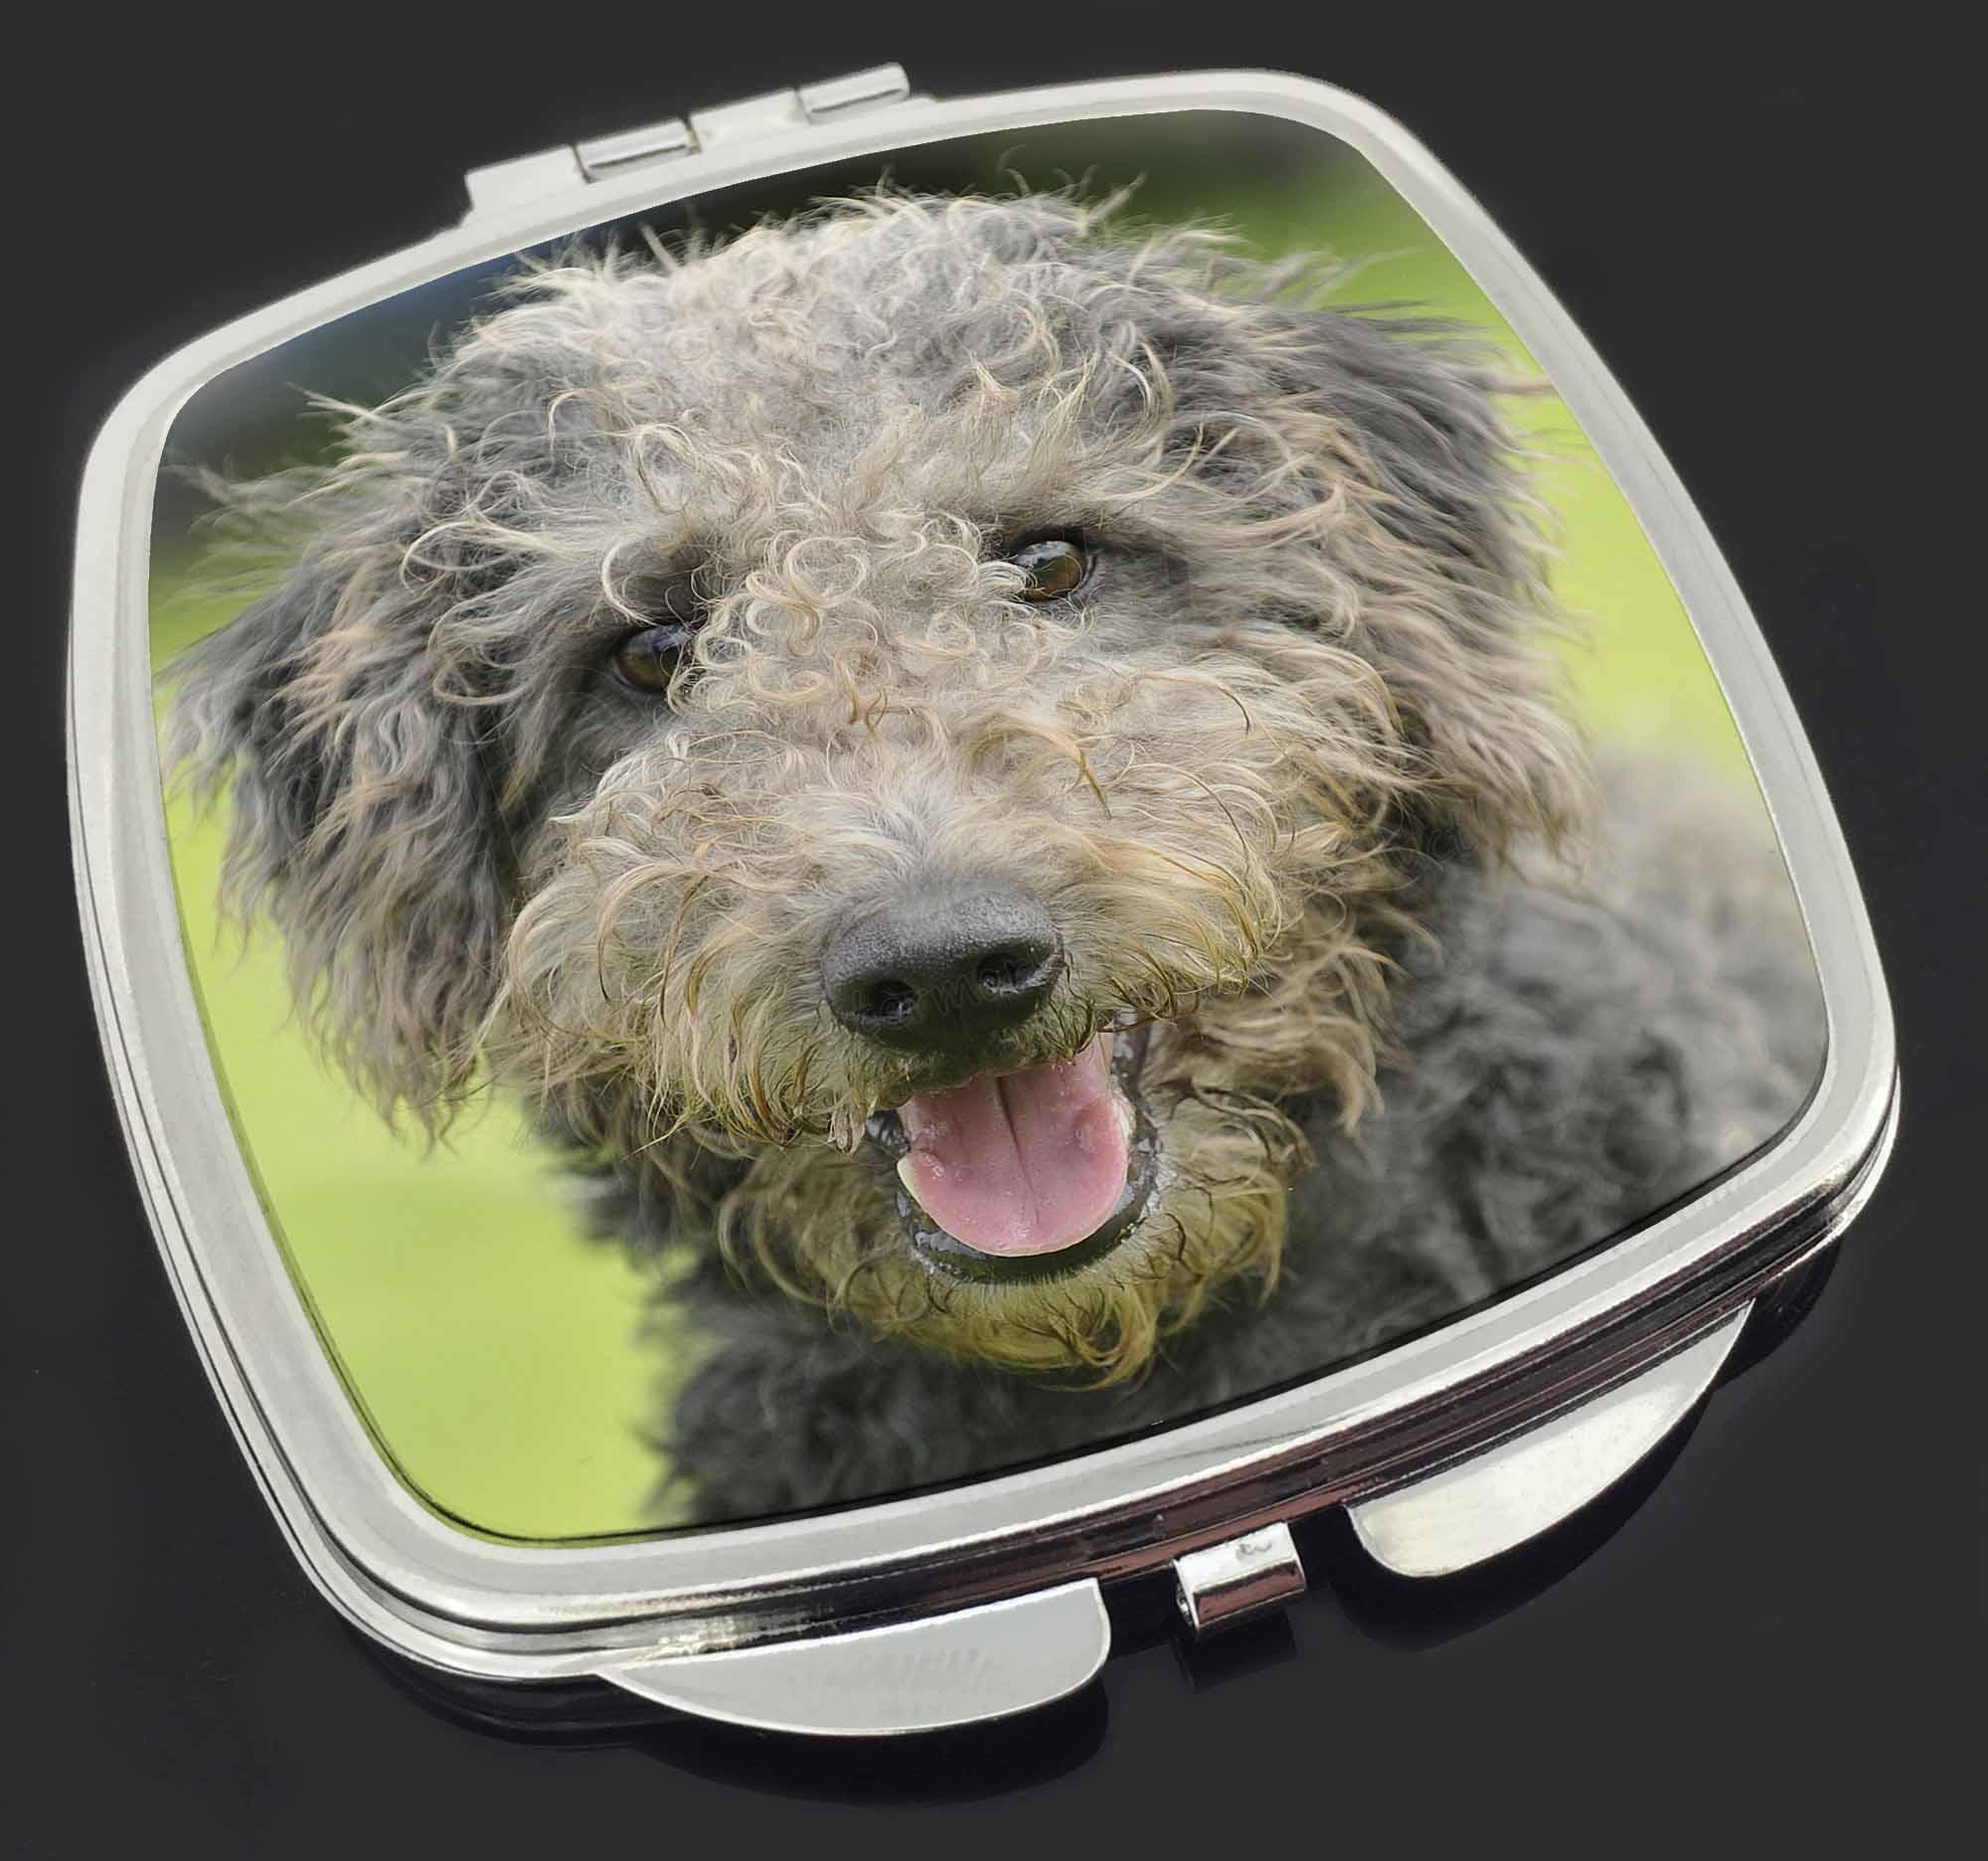 beddlington terrier hund kompakter make up spiegel. Black Bedroom Furniture Sets. Home Design Ideas